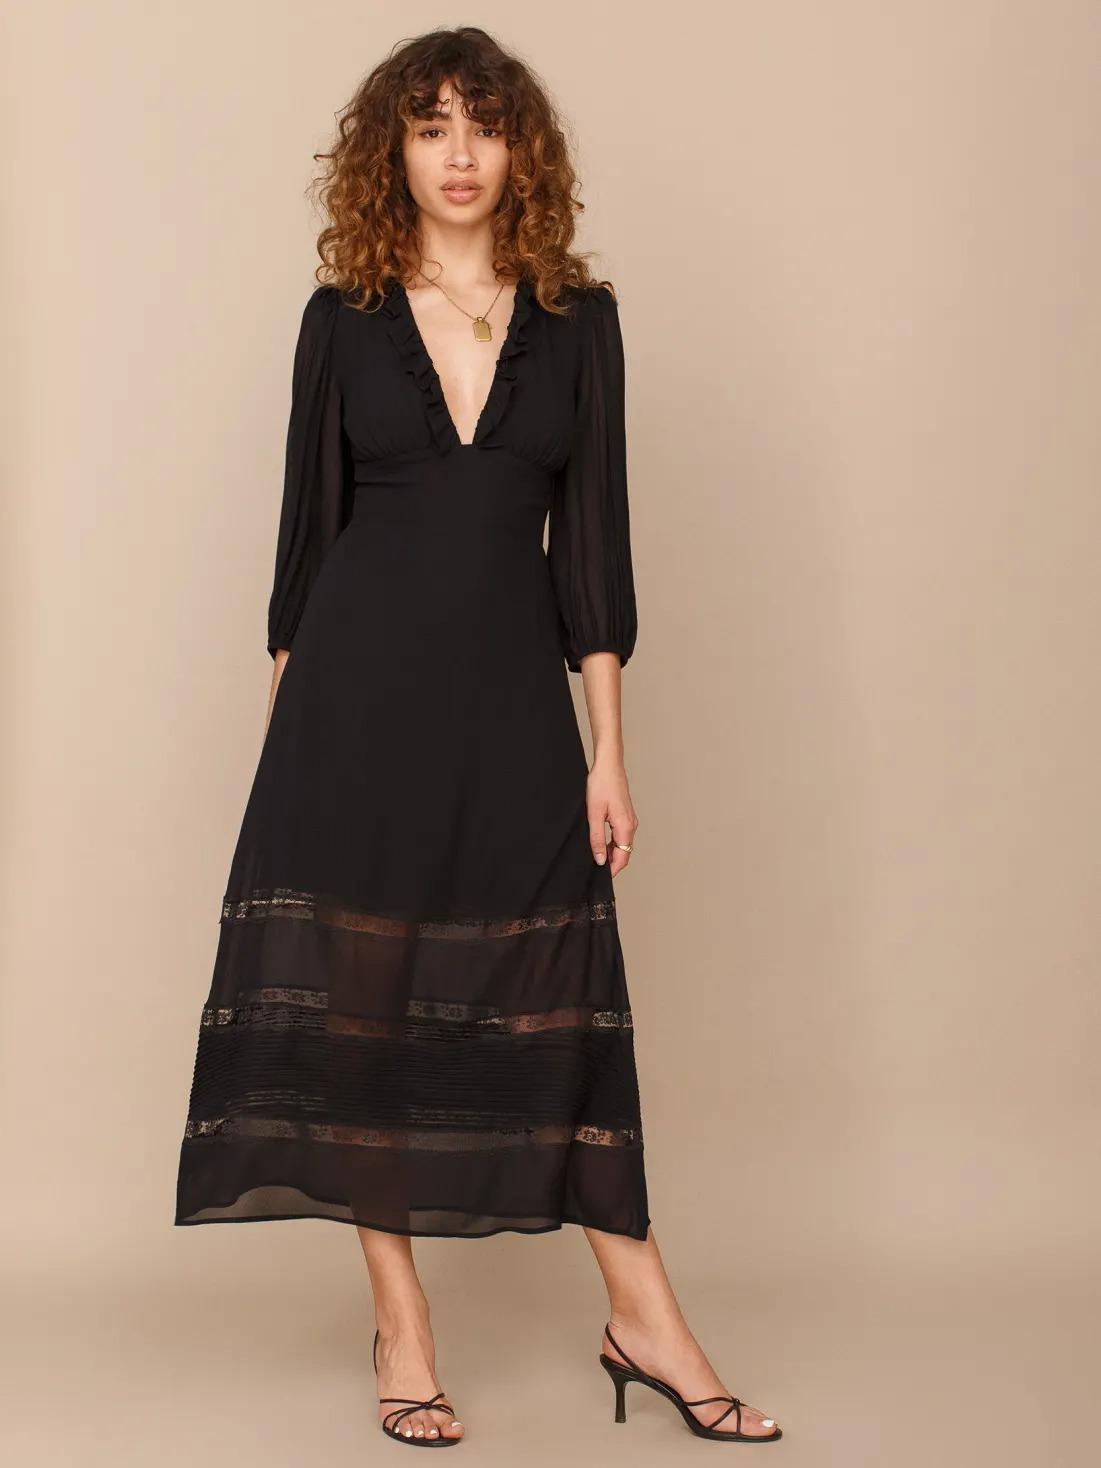 plunging neckline short black long sleeve wedding dress with sheer details